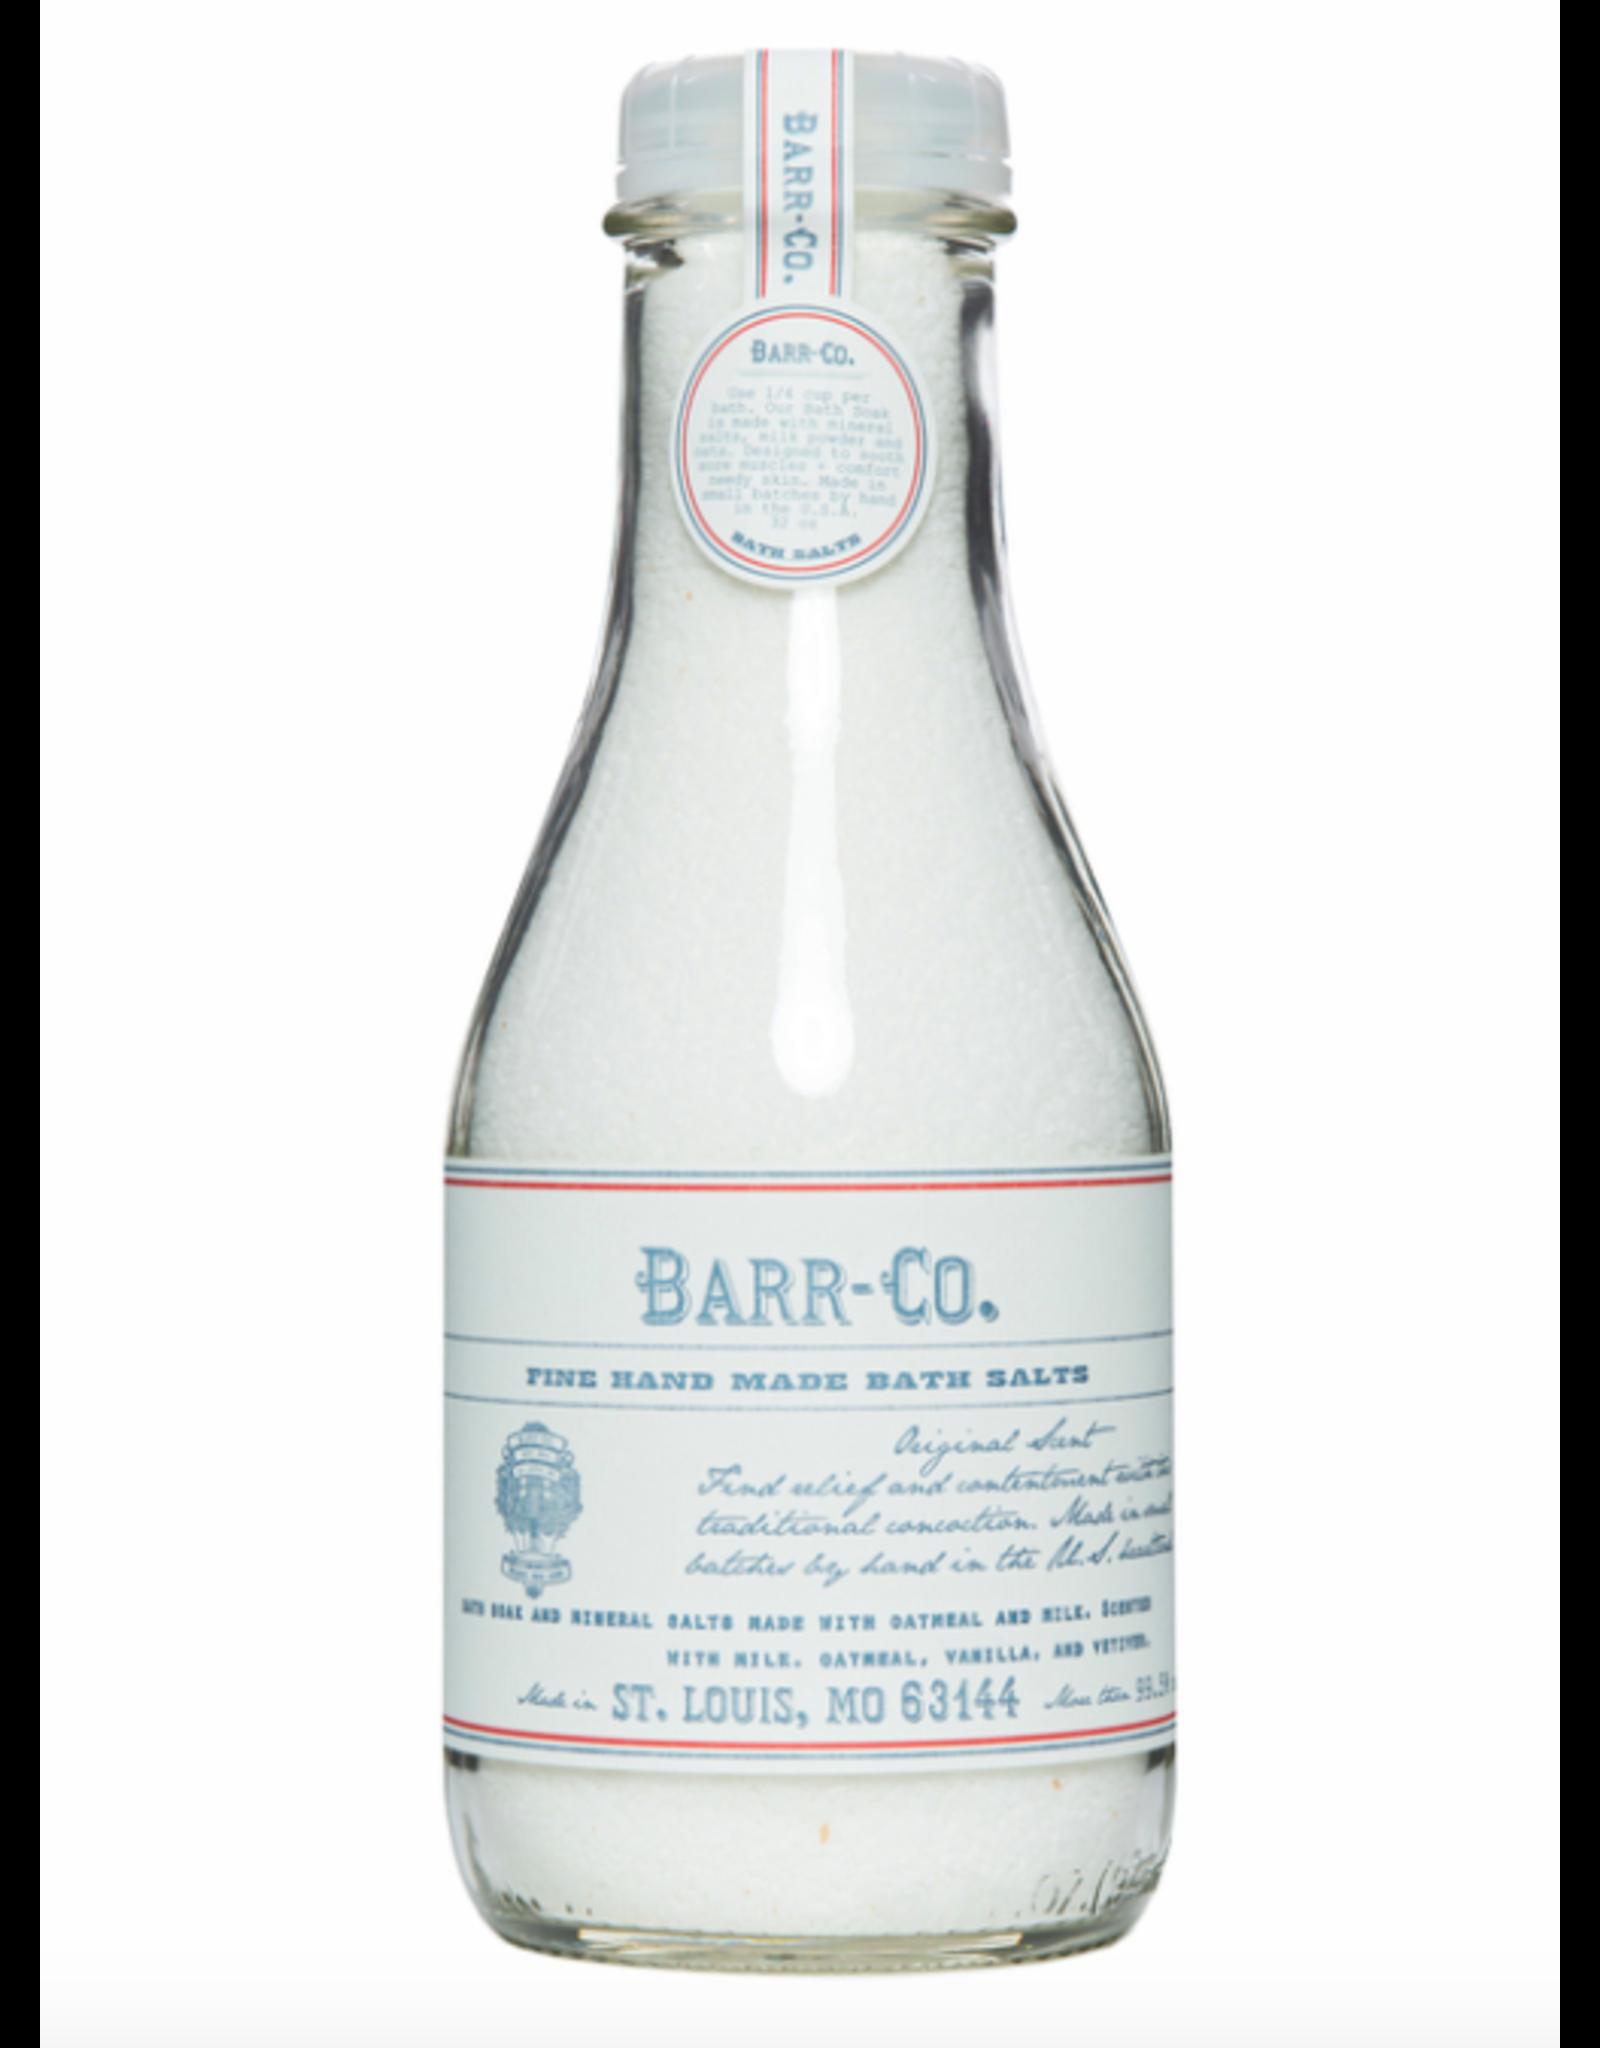 Barr-Co Original Scent Bath Soak - 32oz